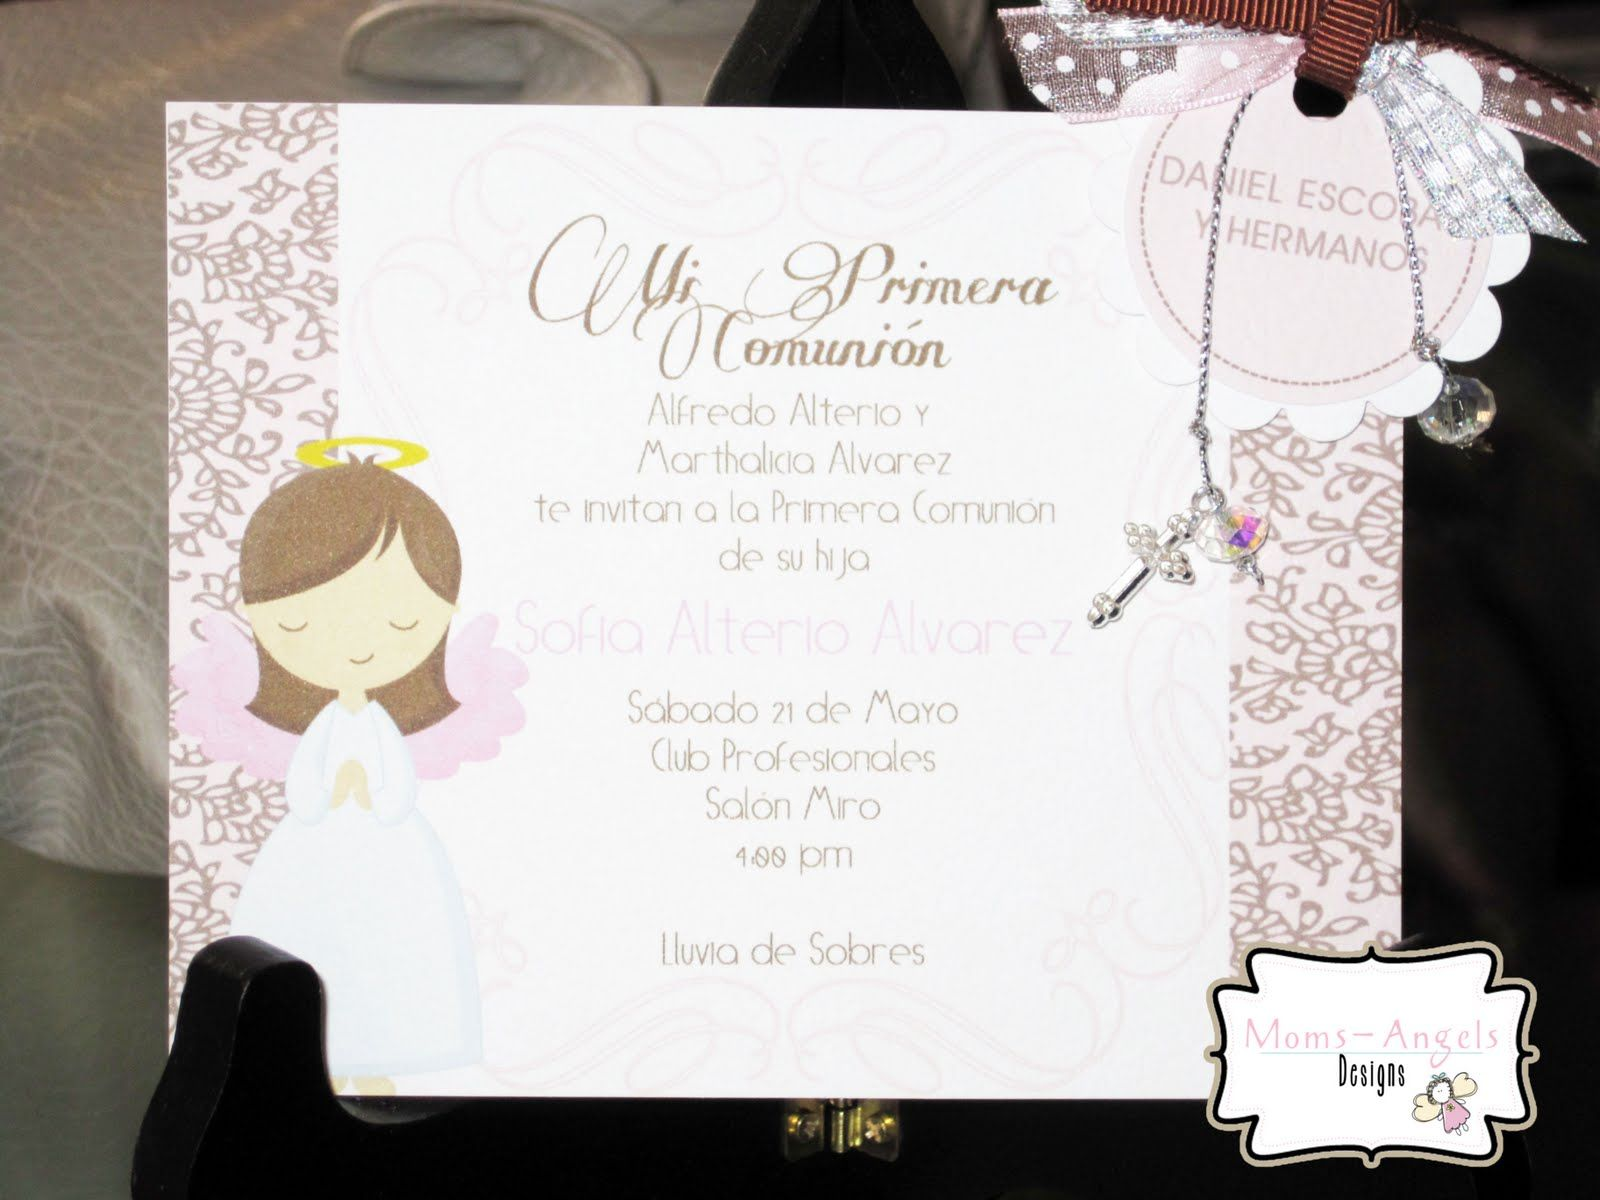 Moms angels invitaciones y decoraciones primera comunion - Invitaciones comunion busquets ...